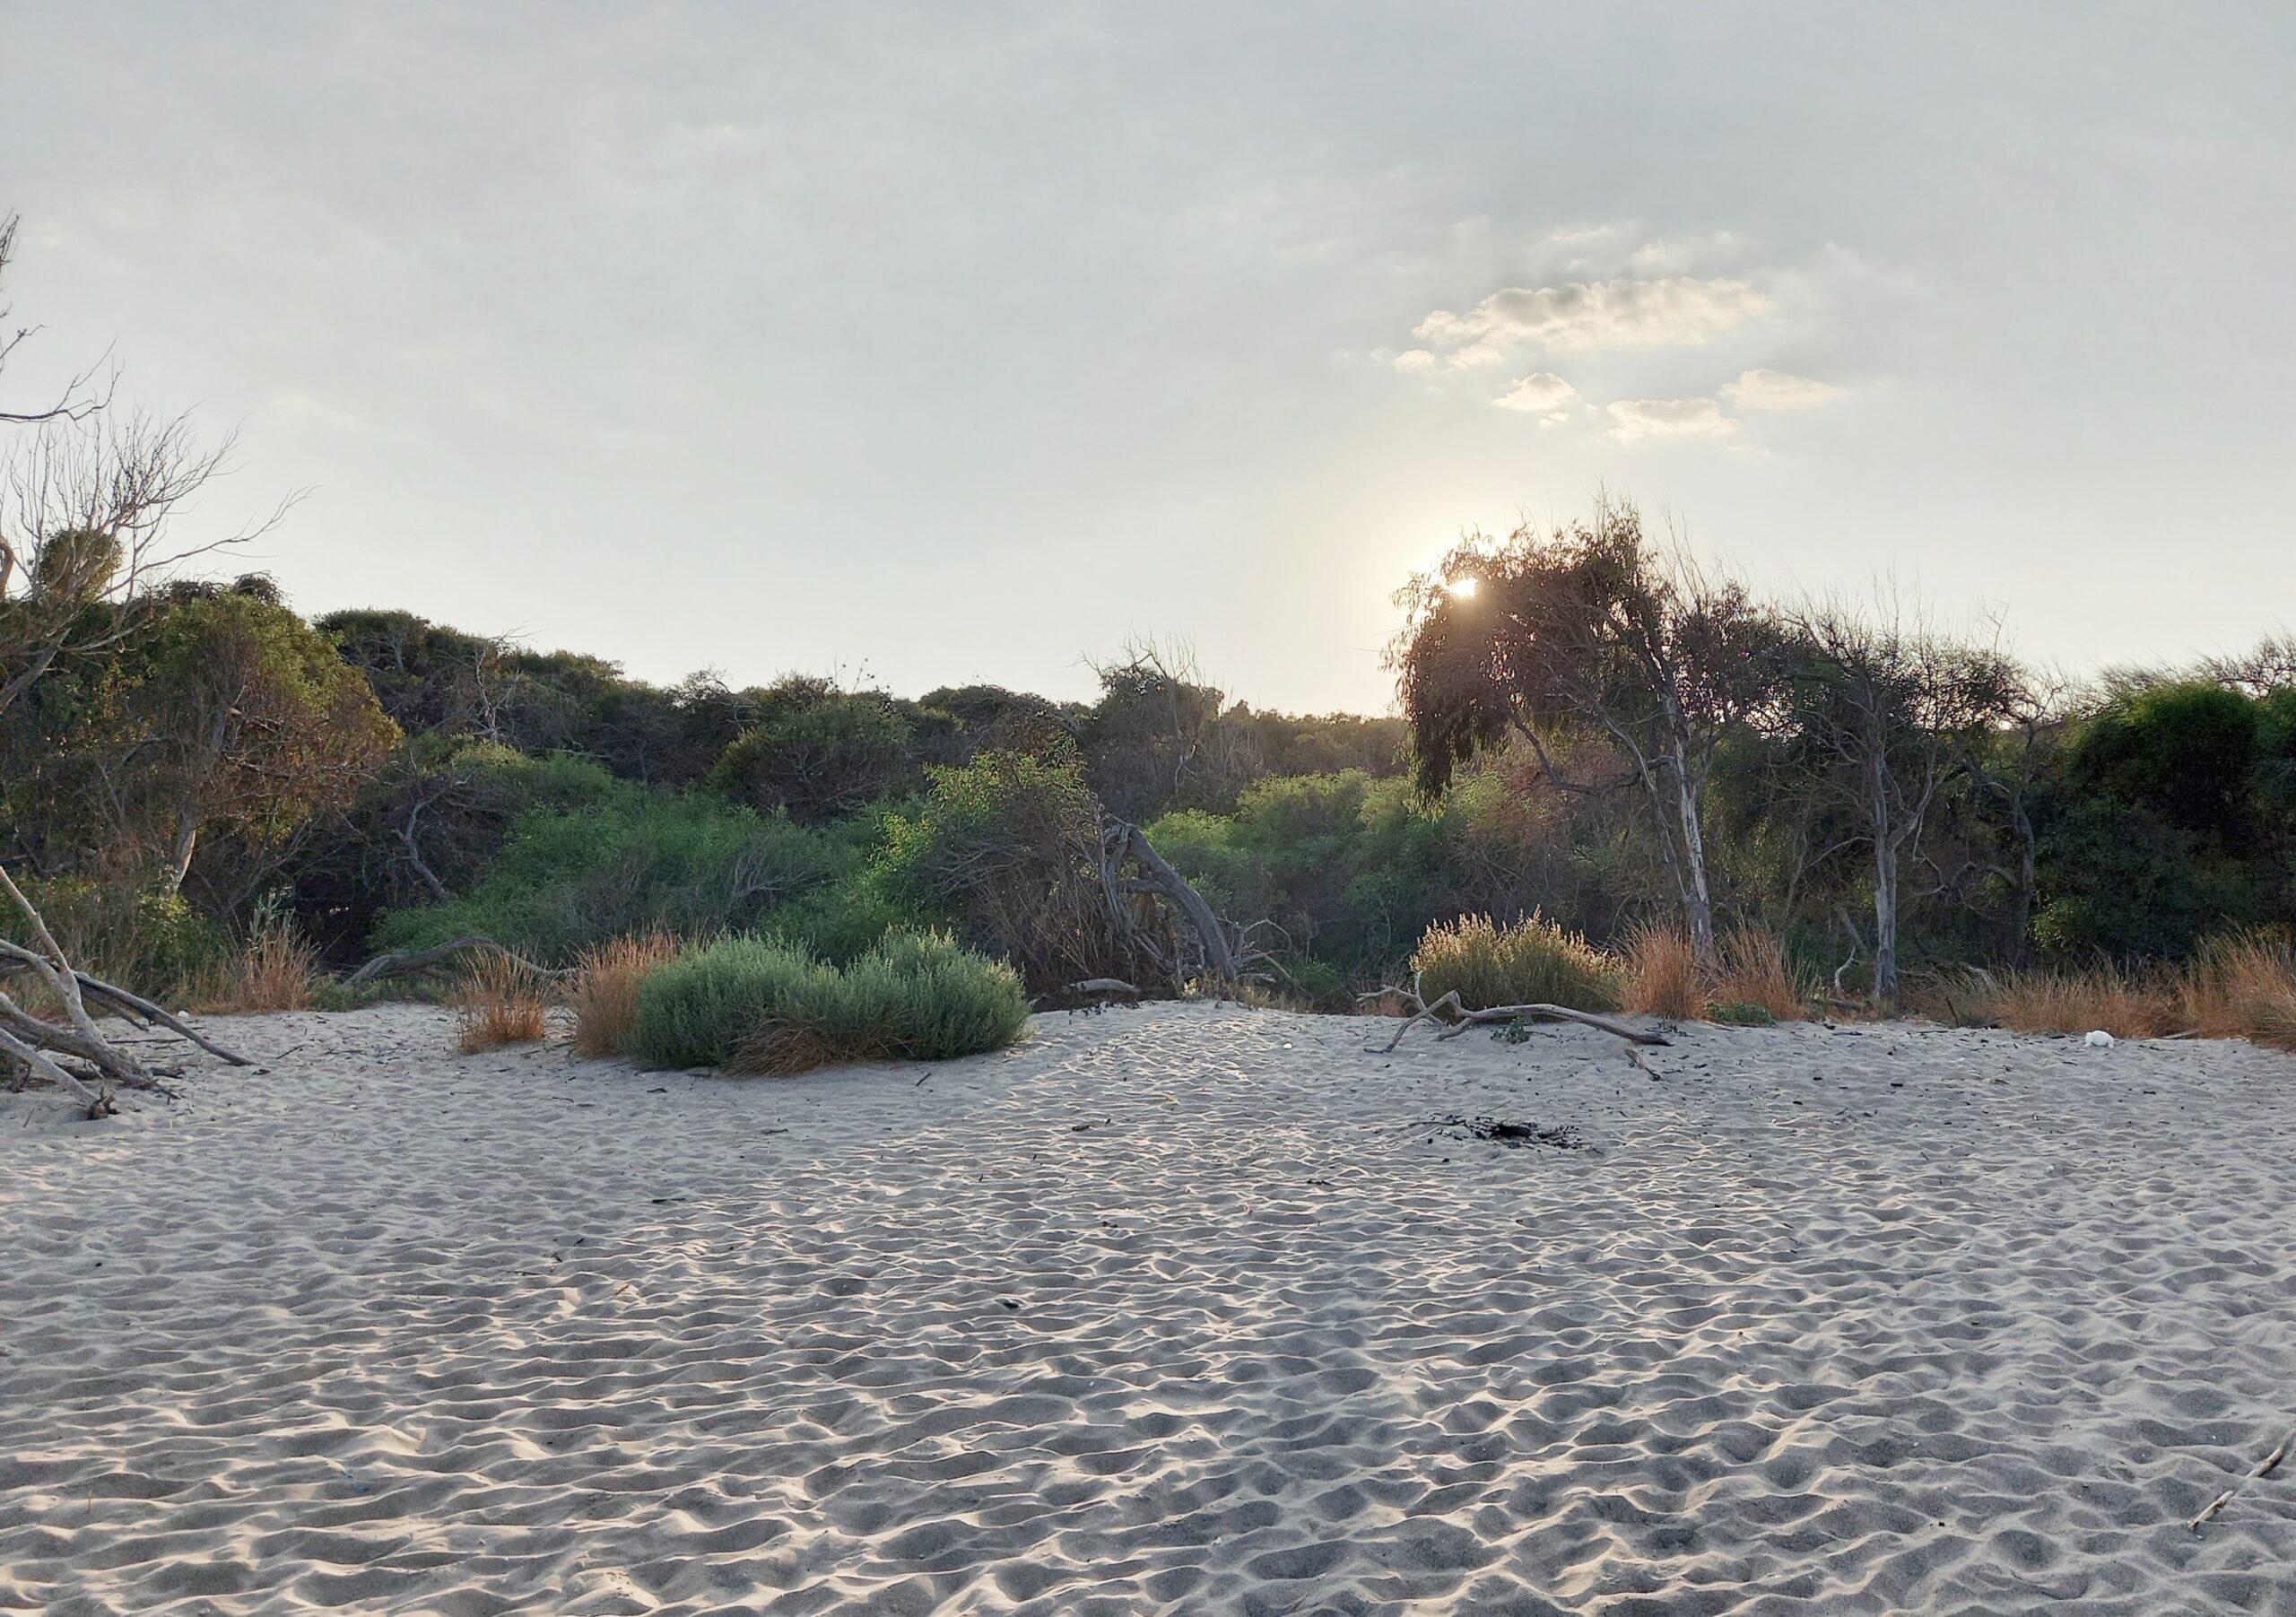 oasi del simeto respect planet imprints art